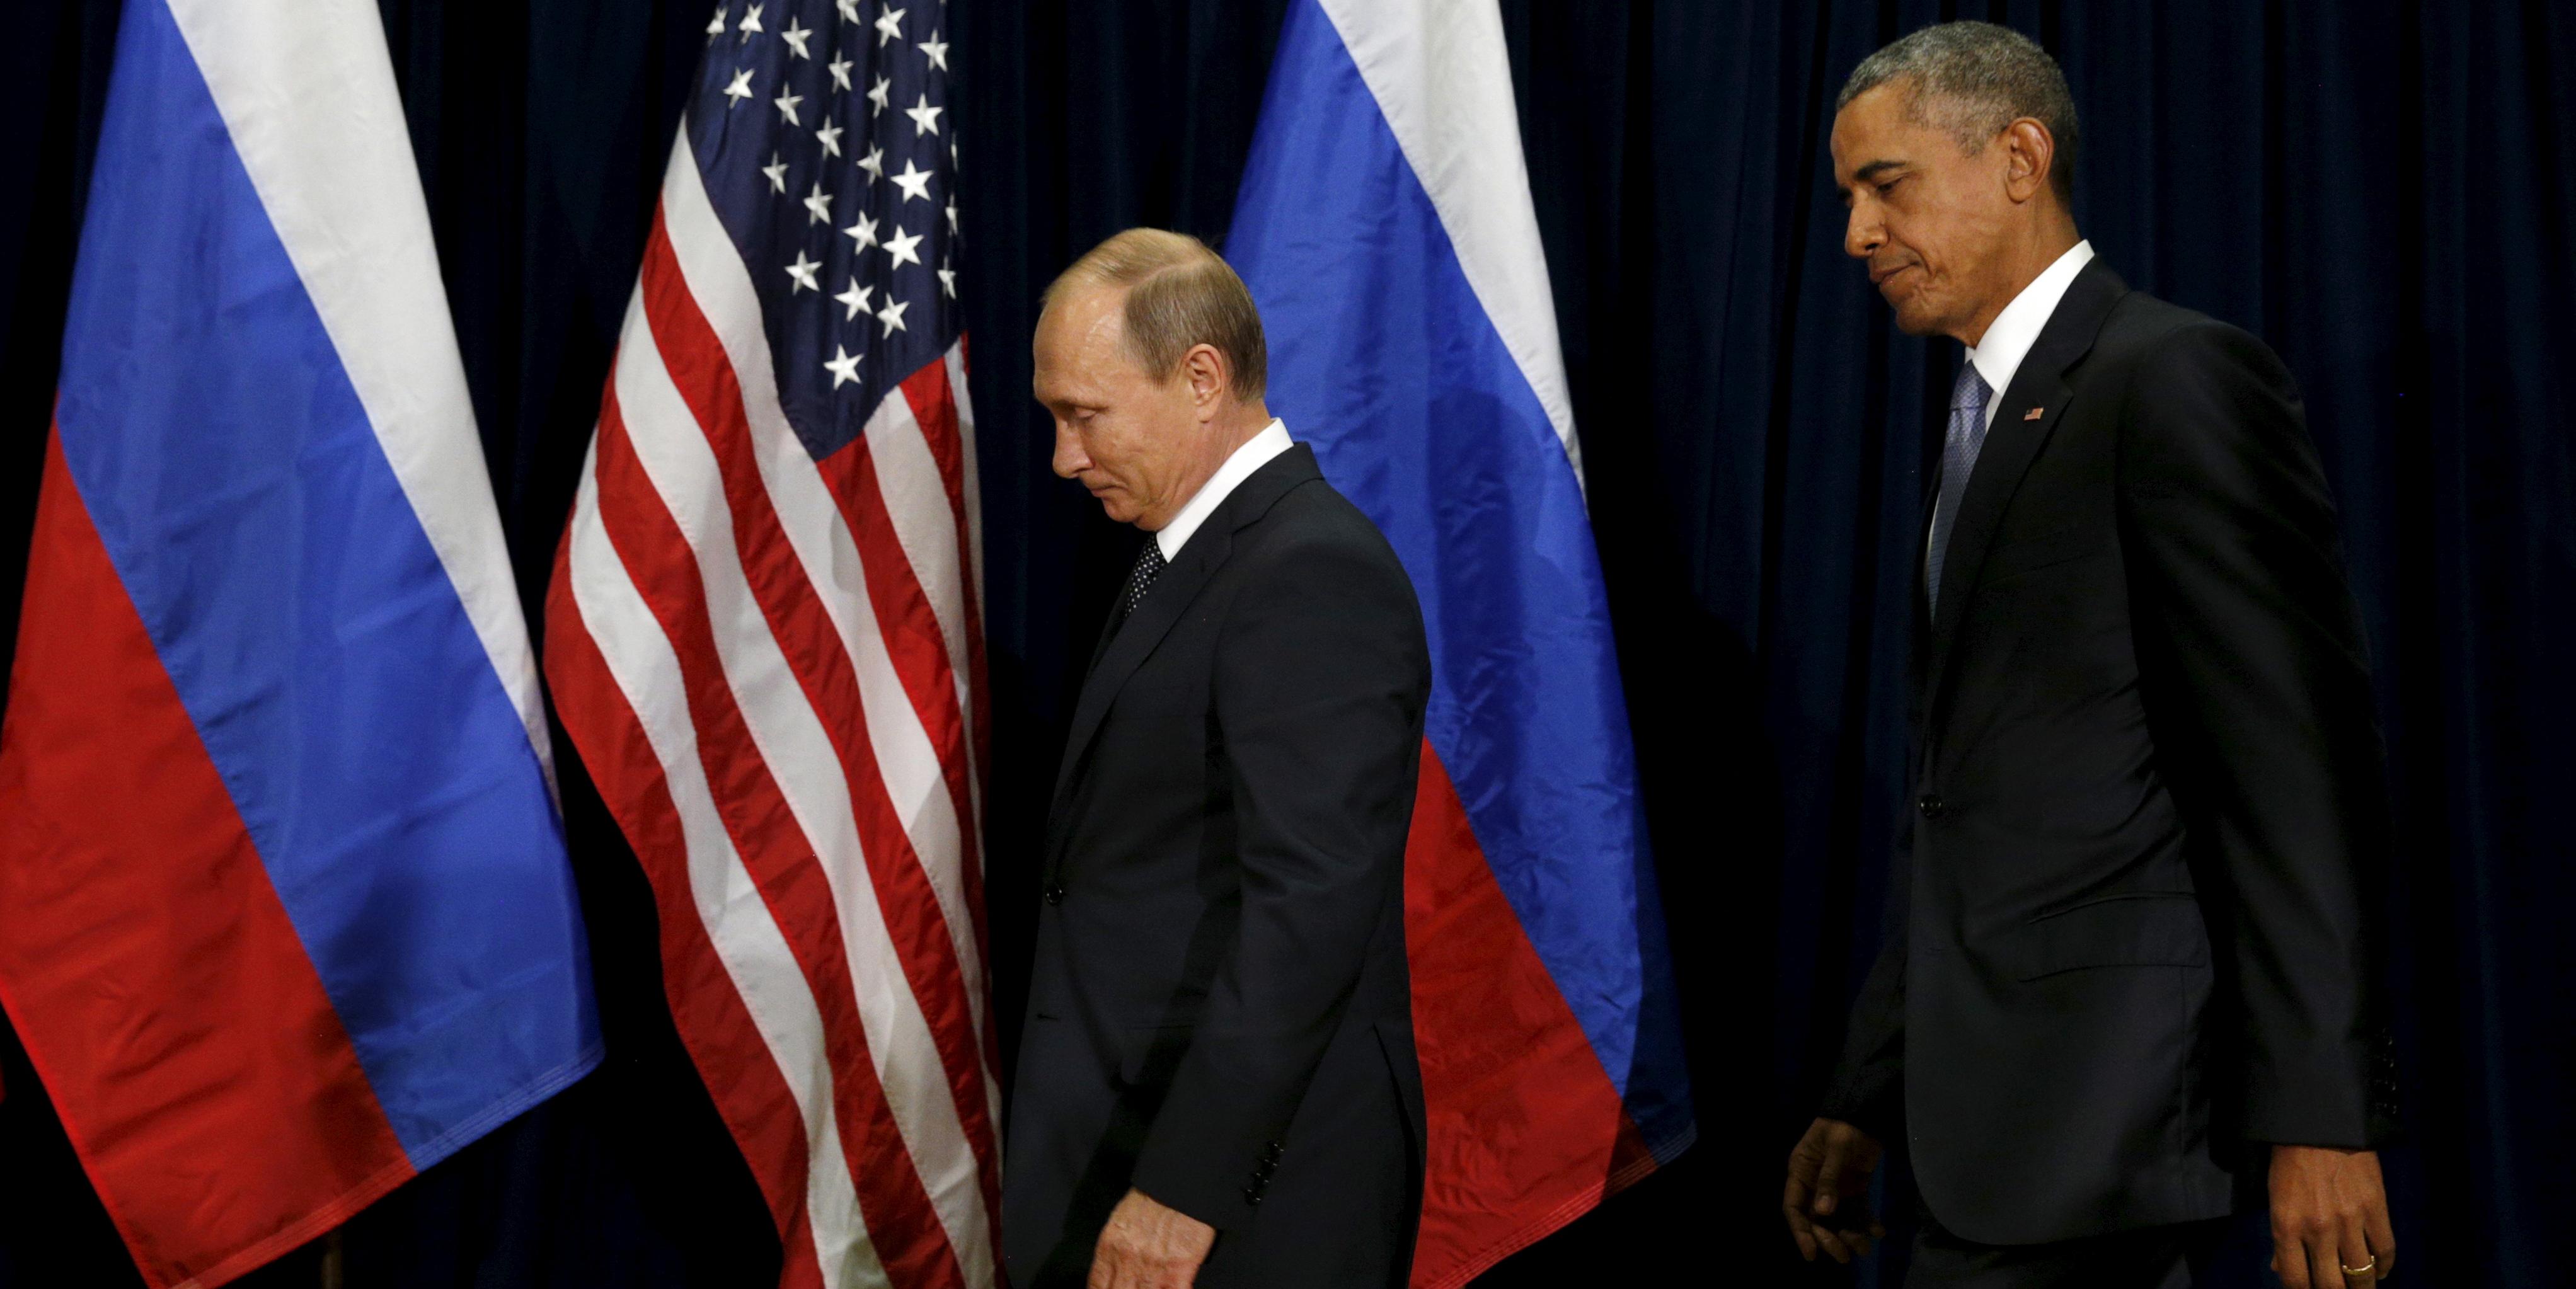 Présidentielle américaine: Obama était au courant d'une ingérence russe depuis août 2016